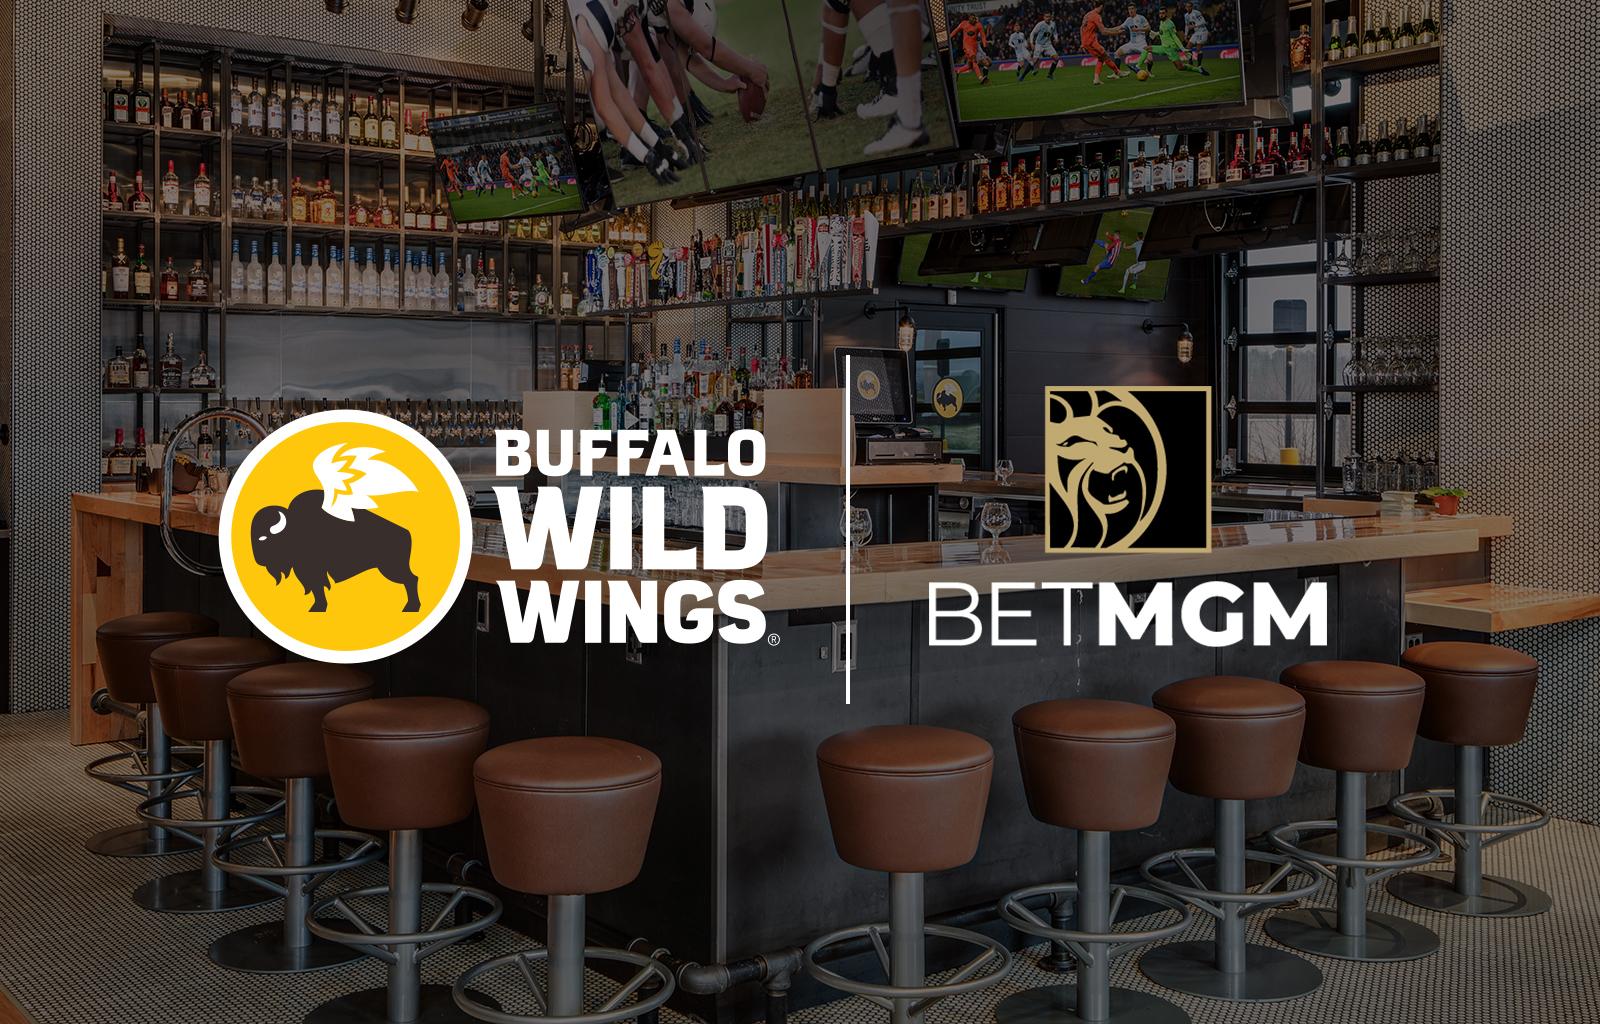 Buffalo wild wings sports betting wnba betting lines